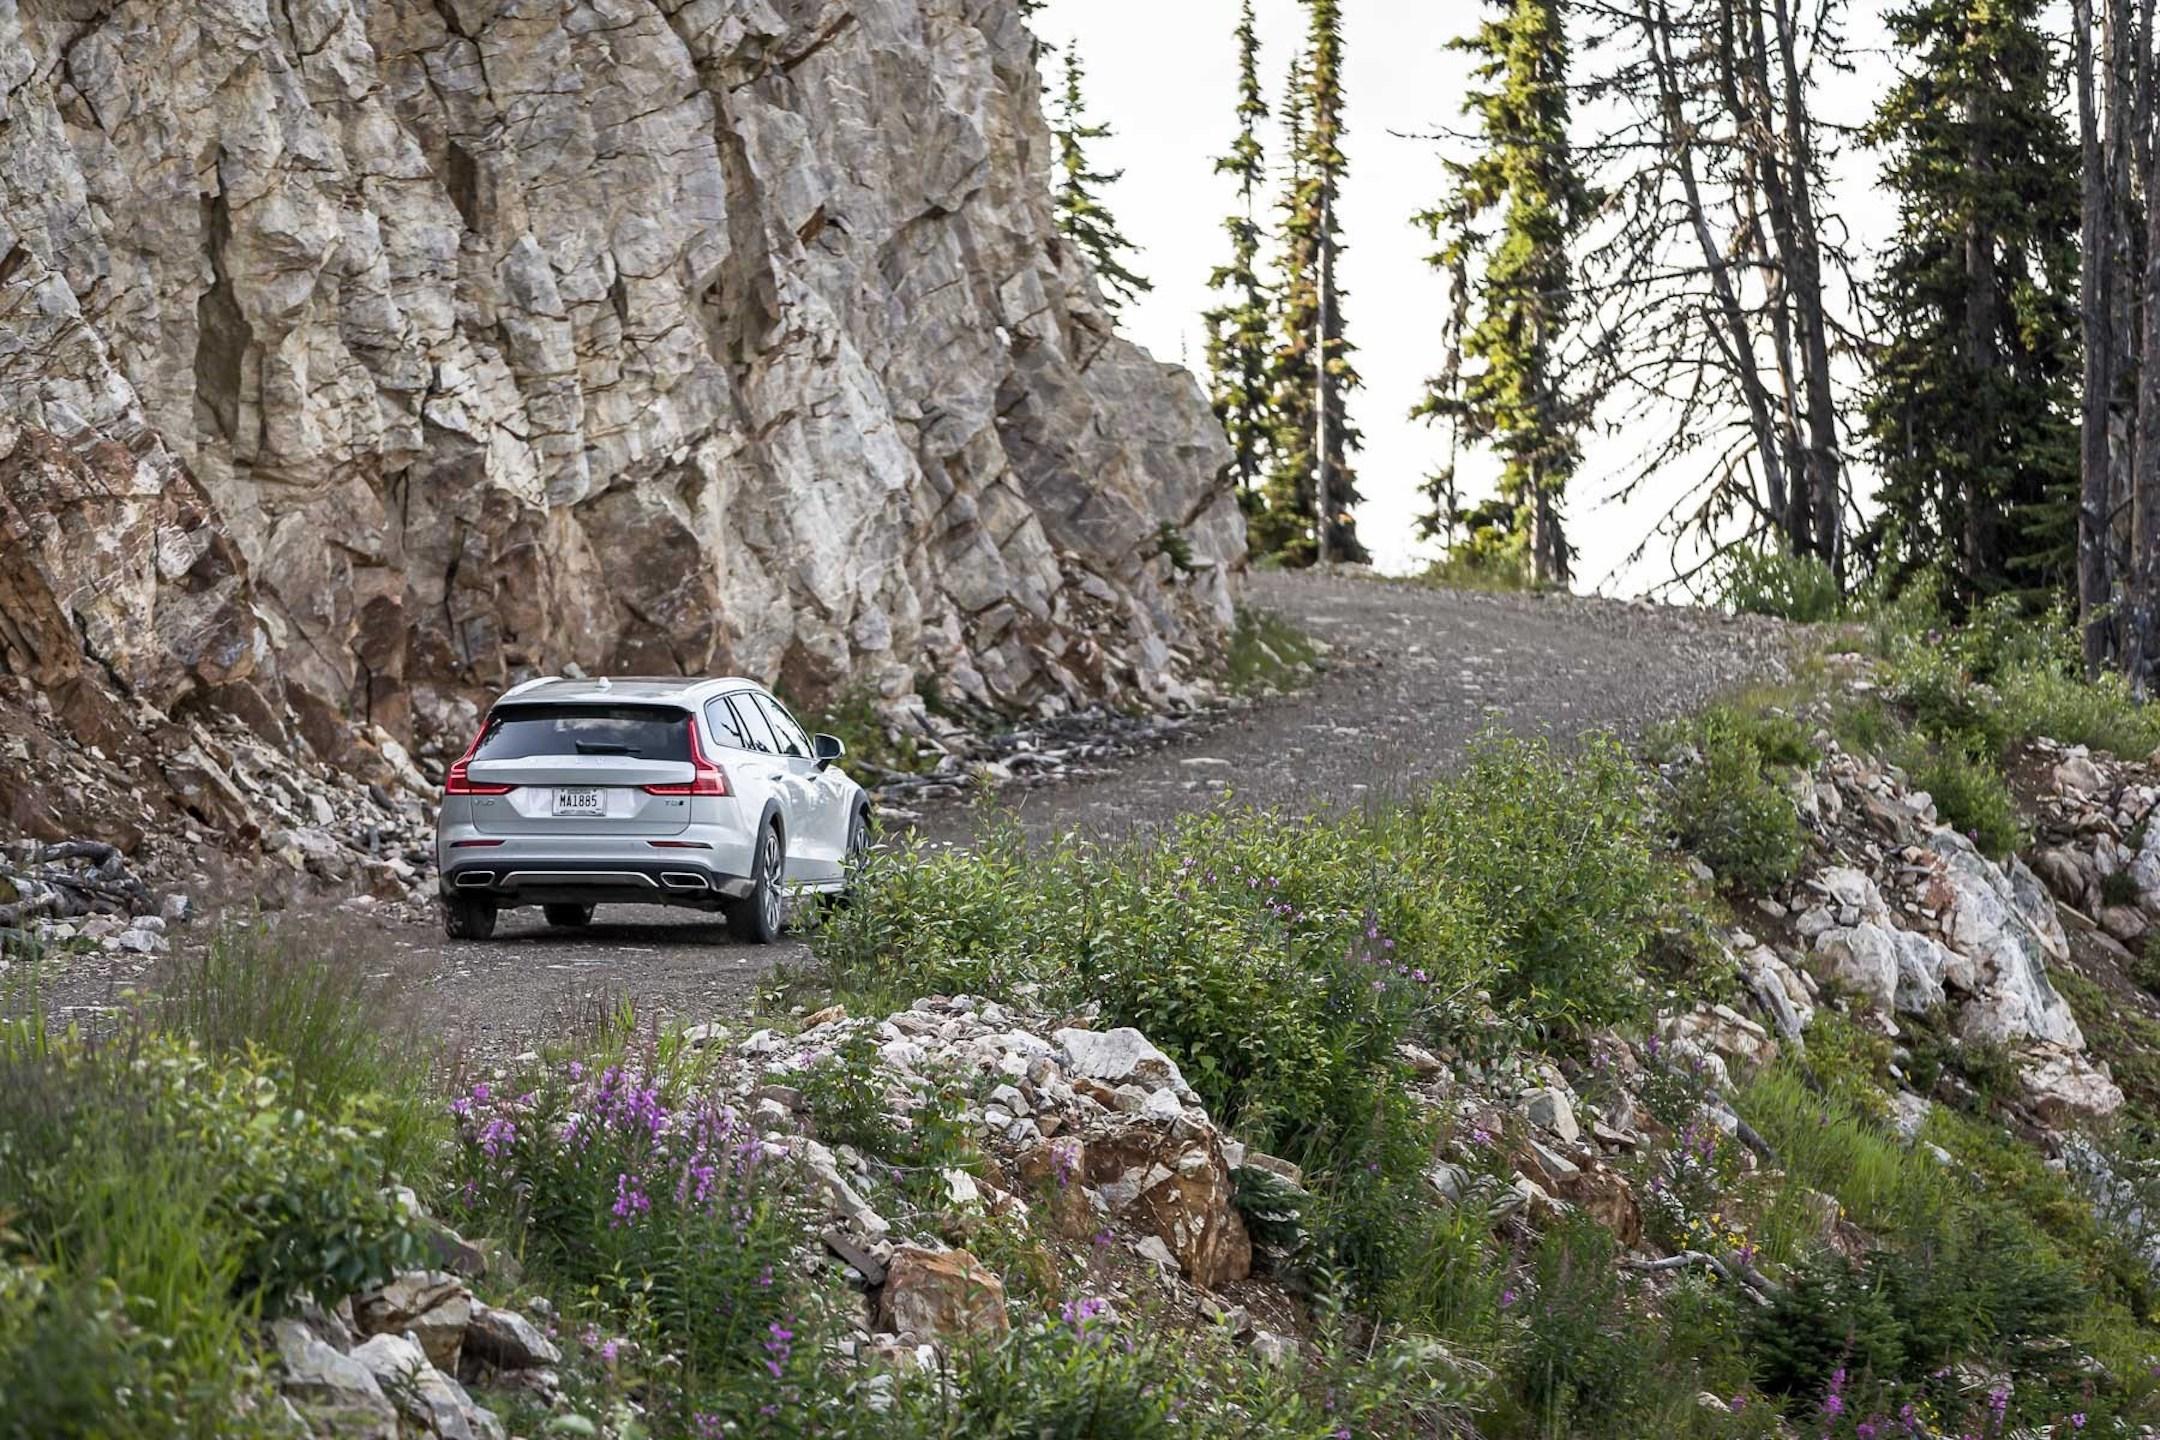 2020 Volvo V60 Cross Country - Banff